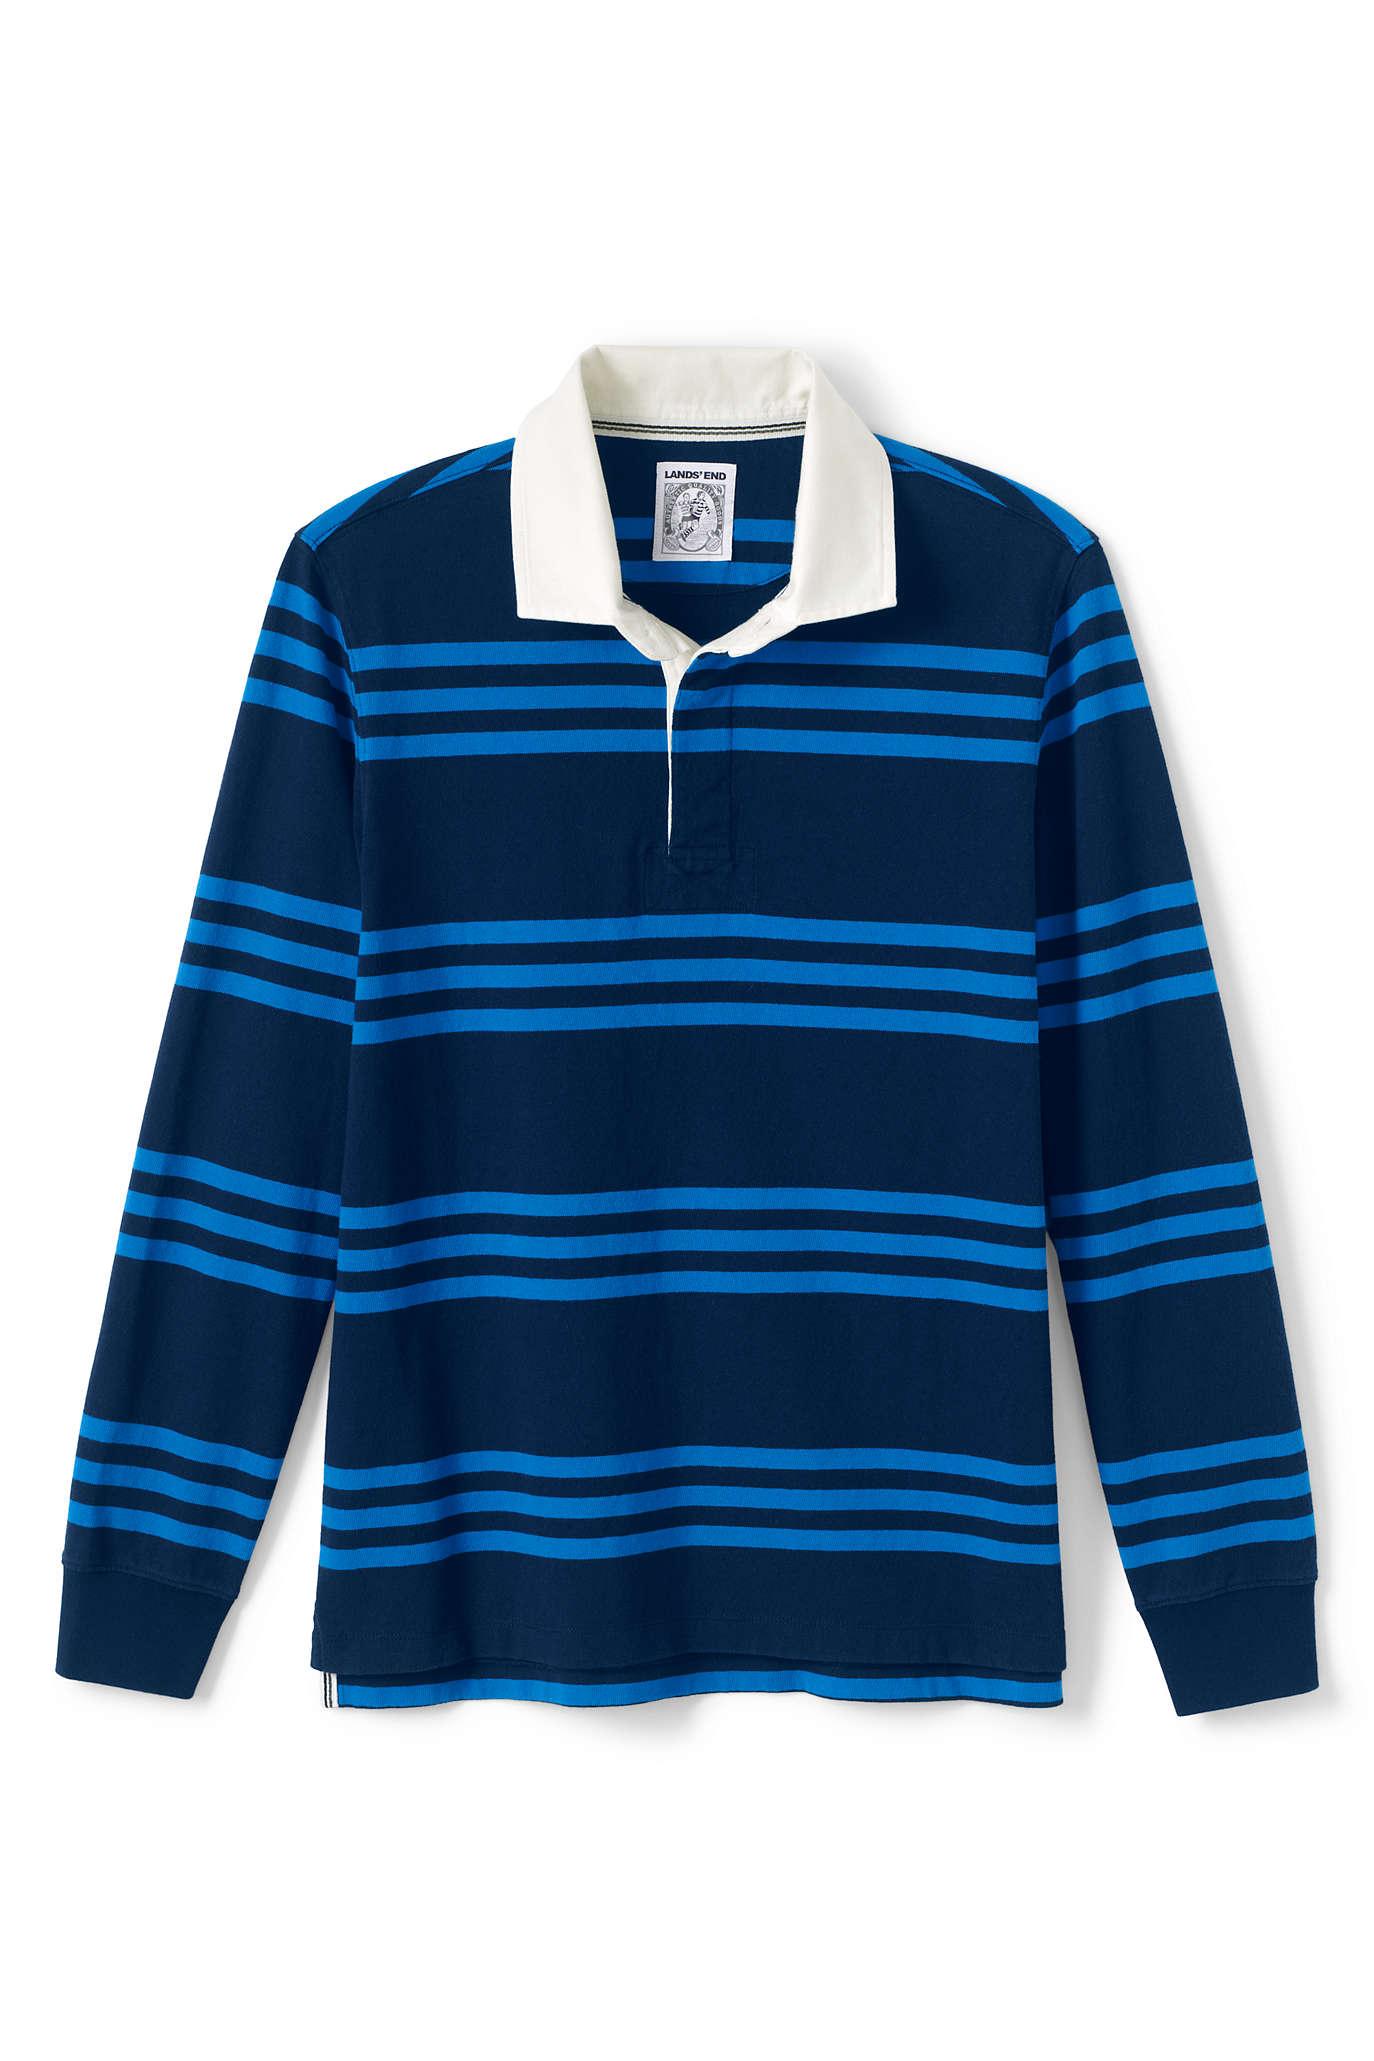 best men's fall style ll bean rugby shirt